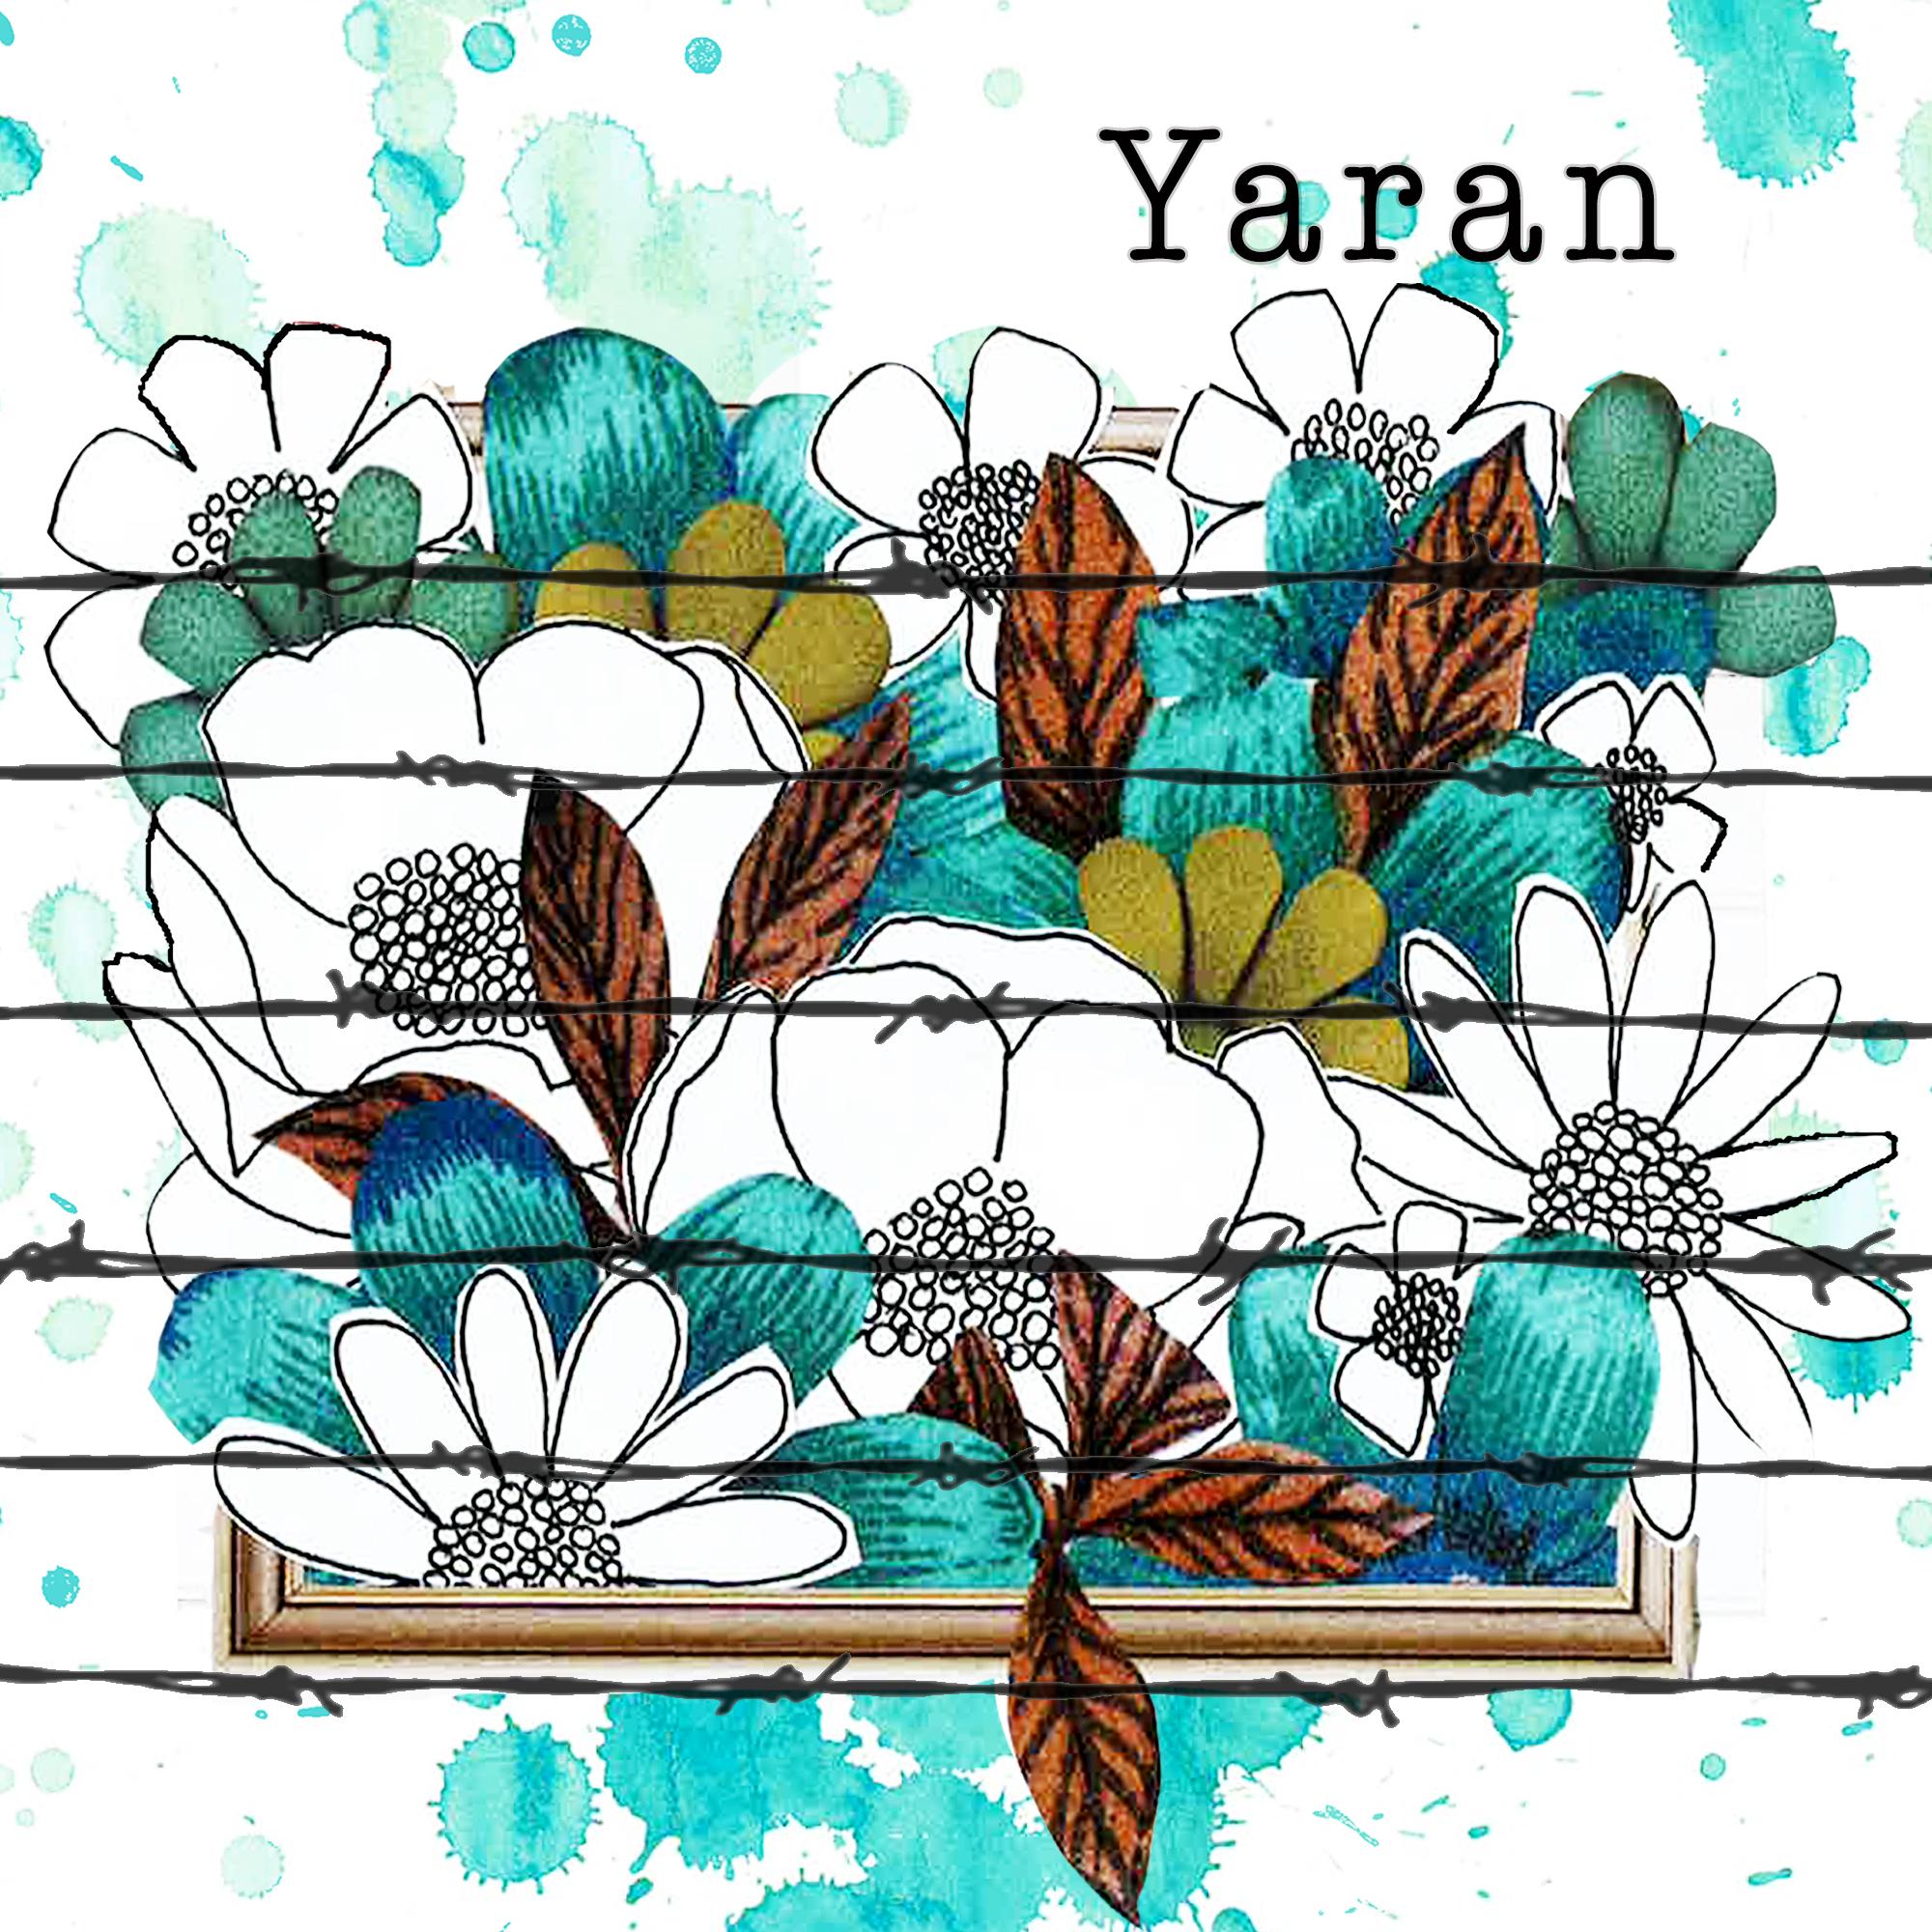 YaranCoverArt.jpg